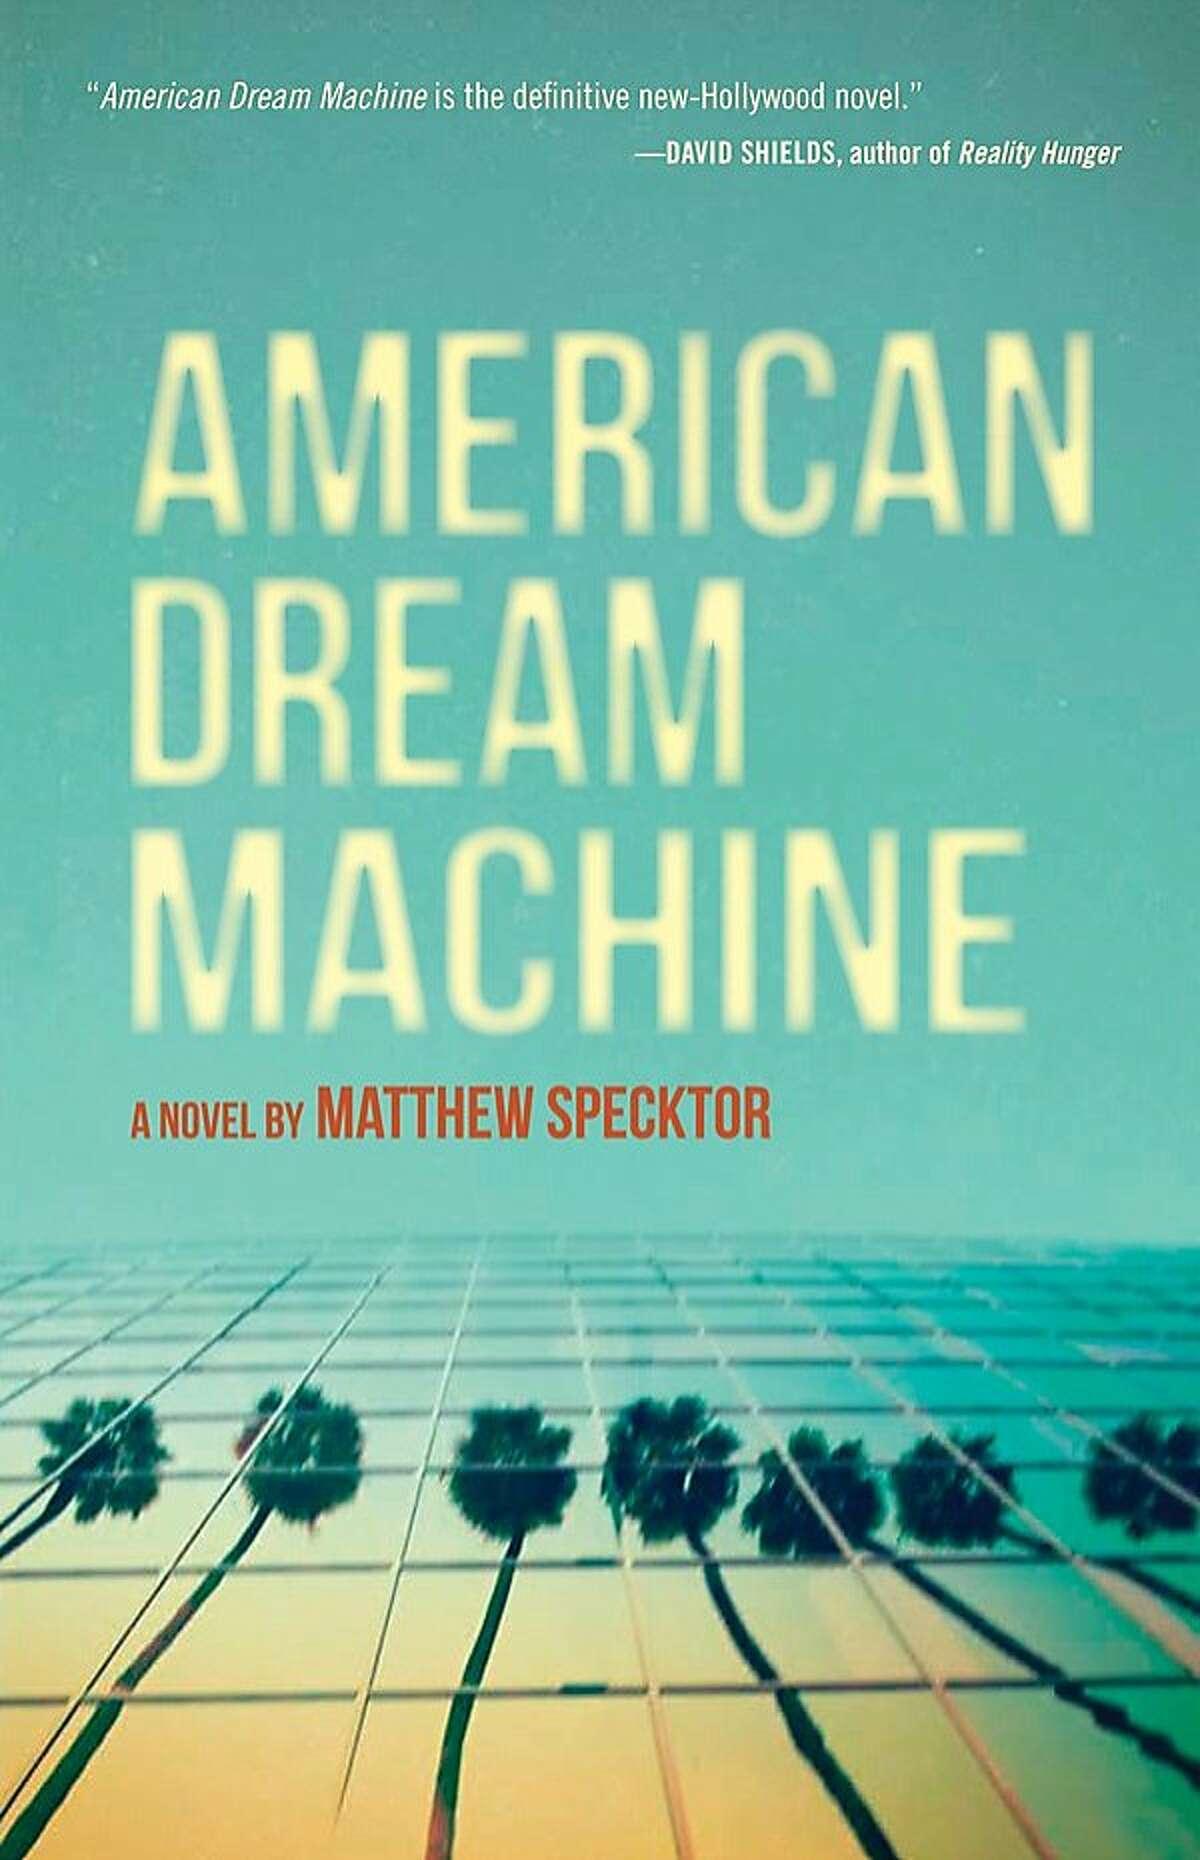 American Dream Machine by Matthew Specktor